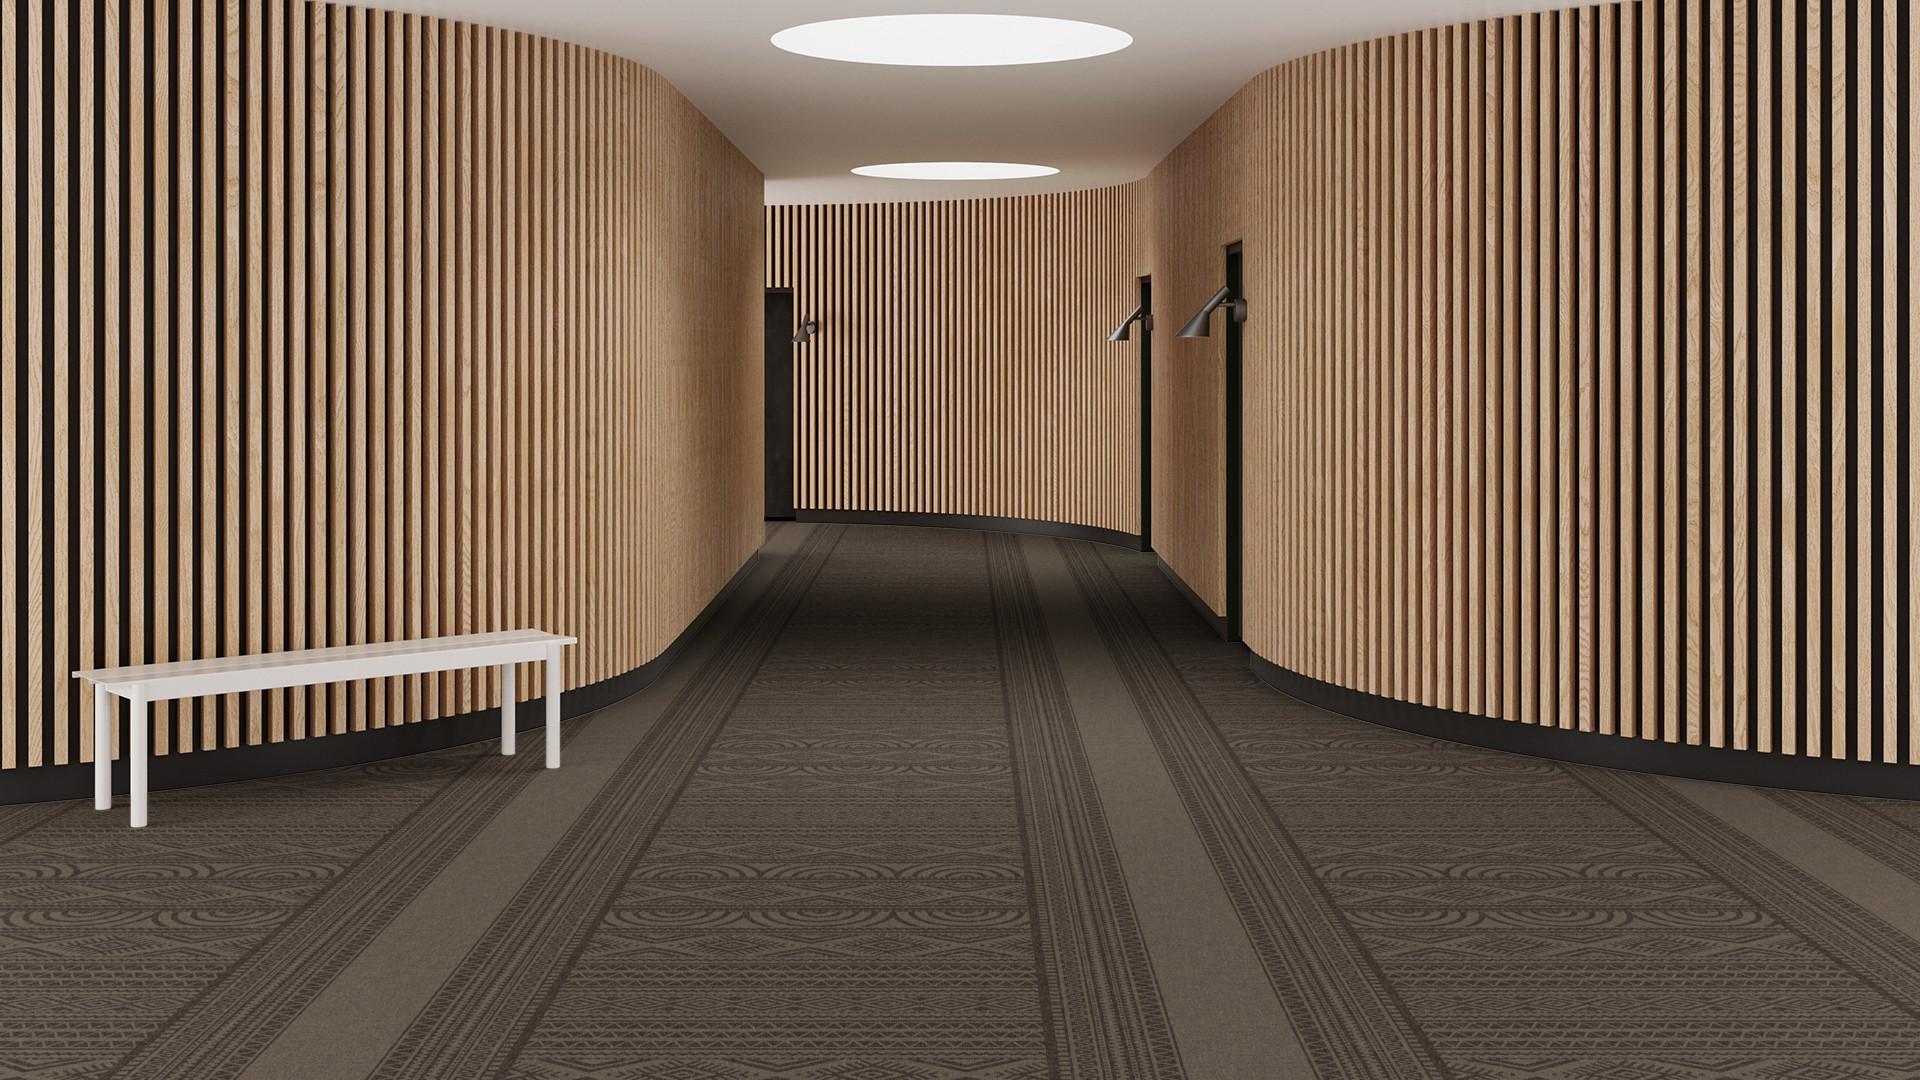 ghana corridor 195 cm beige RoowView 3